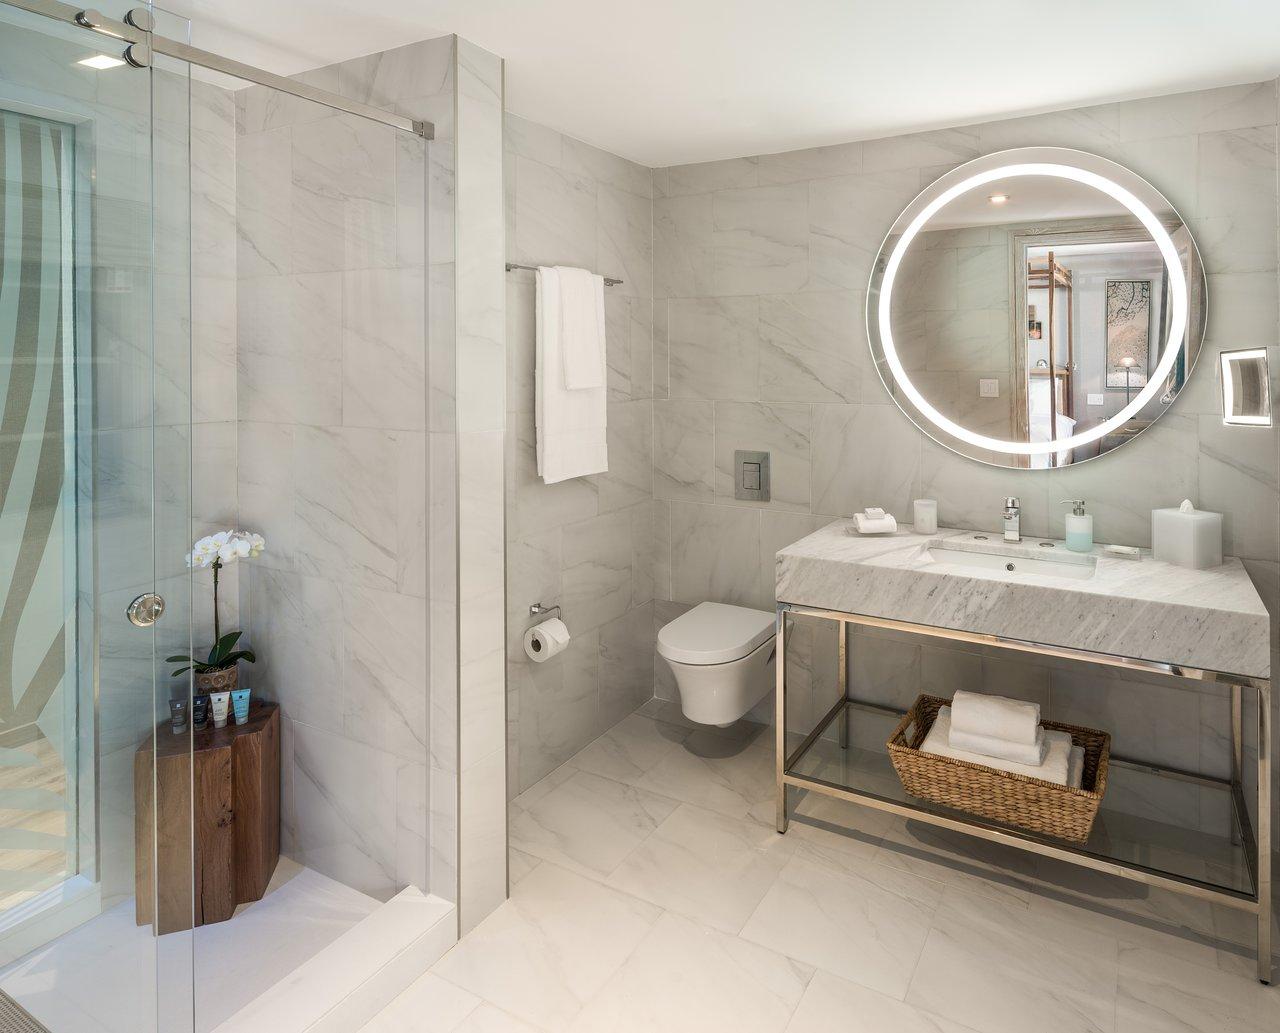 Sae Arredo Bagno Torino.Lennox Miami Beach Hotel Florida Prezzi 2020 E Recensioni